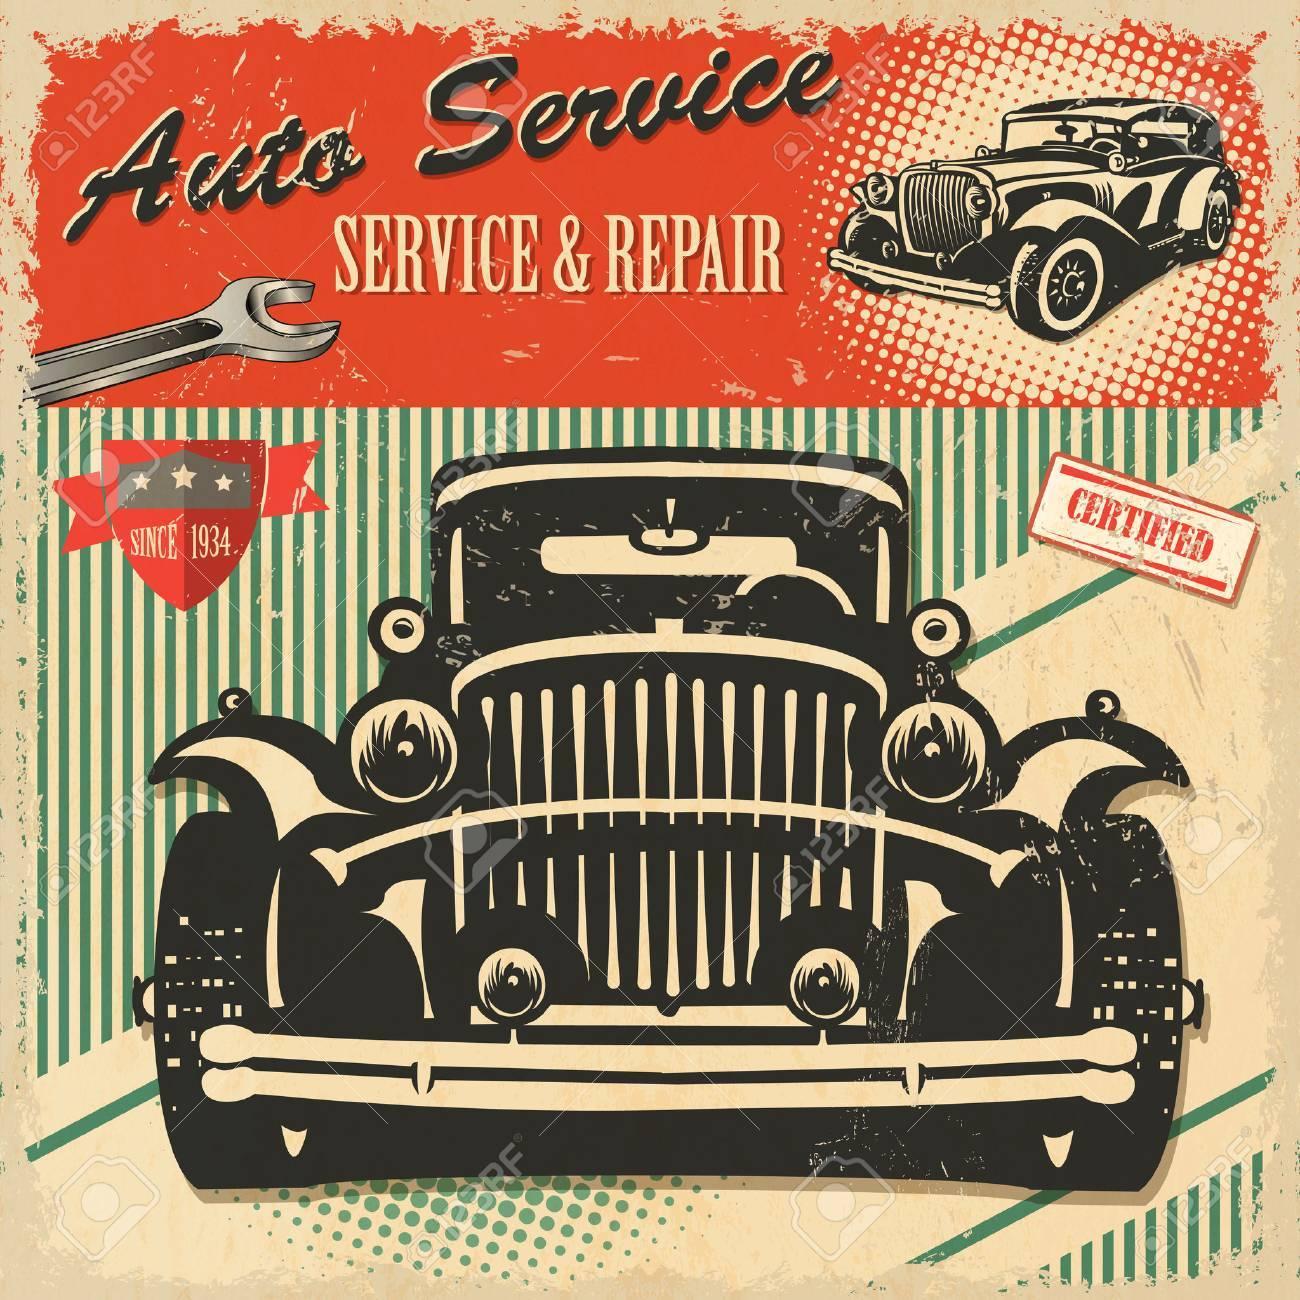 Vintage Auto Service Retro Poster Royalty Free Cliparts, Vectors ...